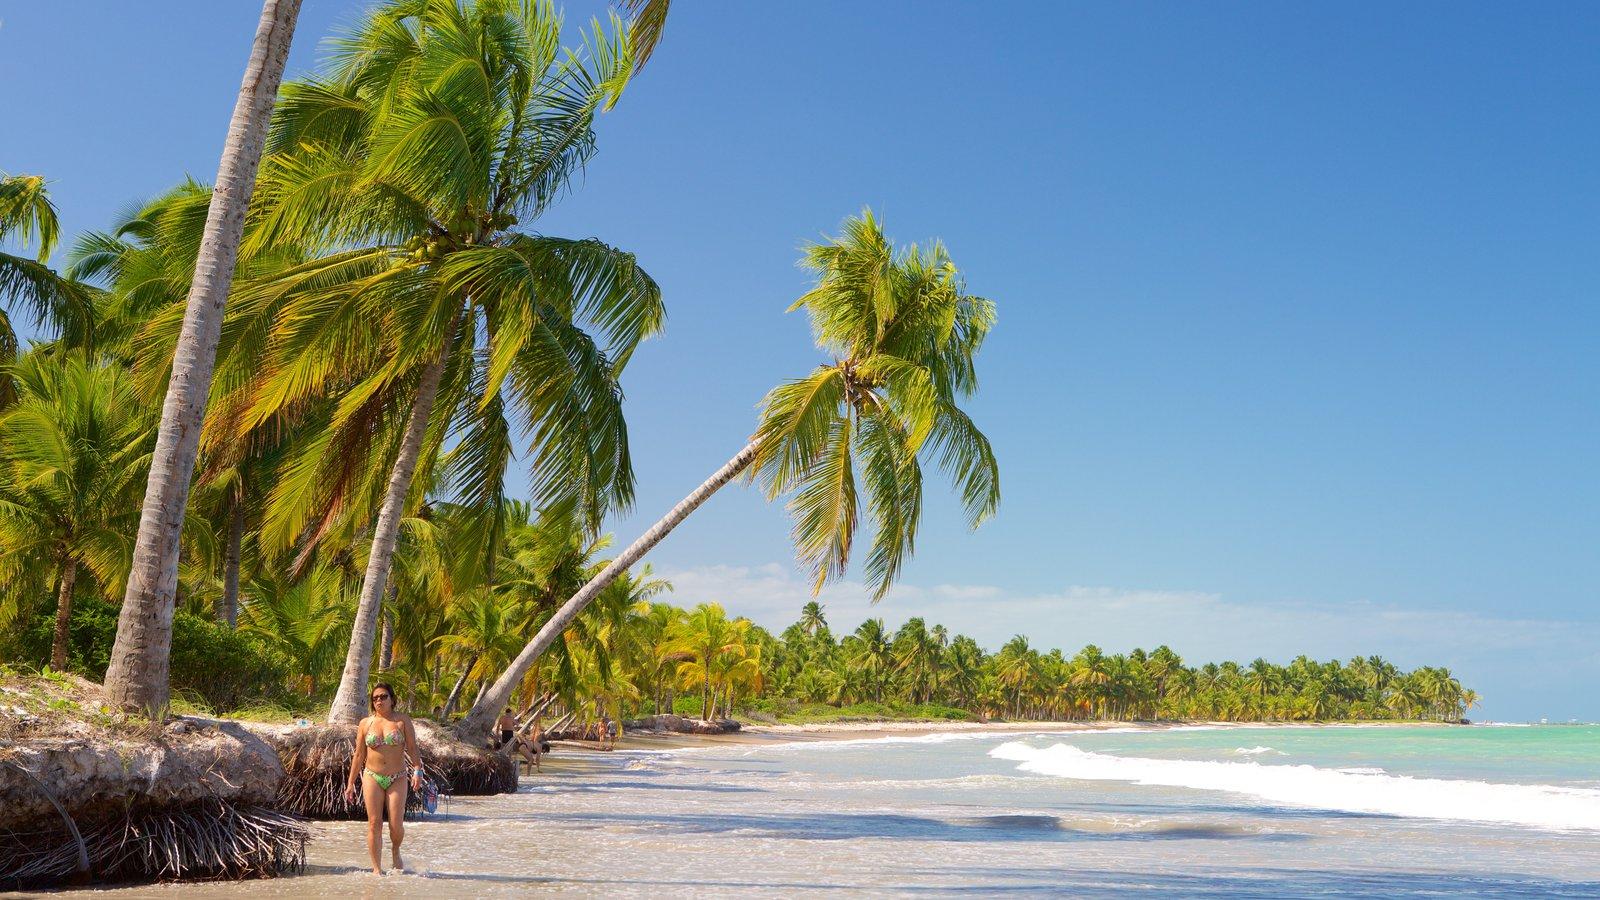 Praia de Ipioca caracterizando cenas tropicais, paisagens litorâneas e uma praia de areia